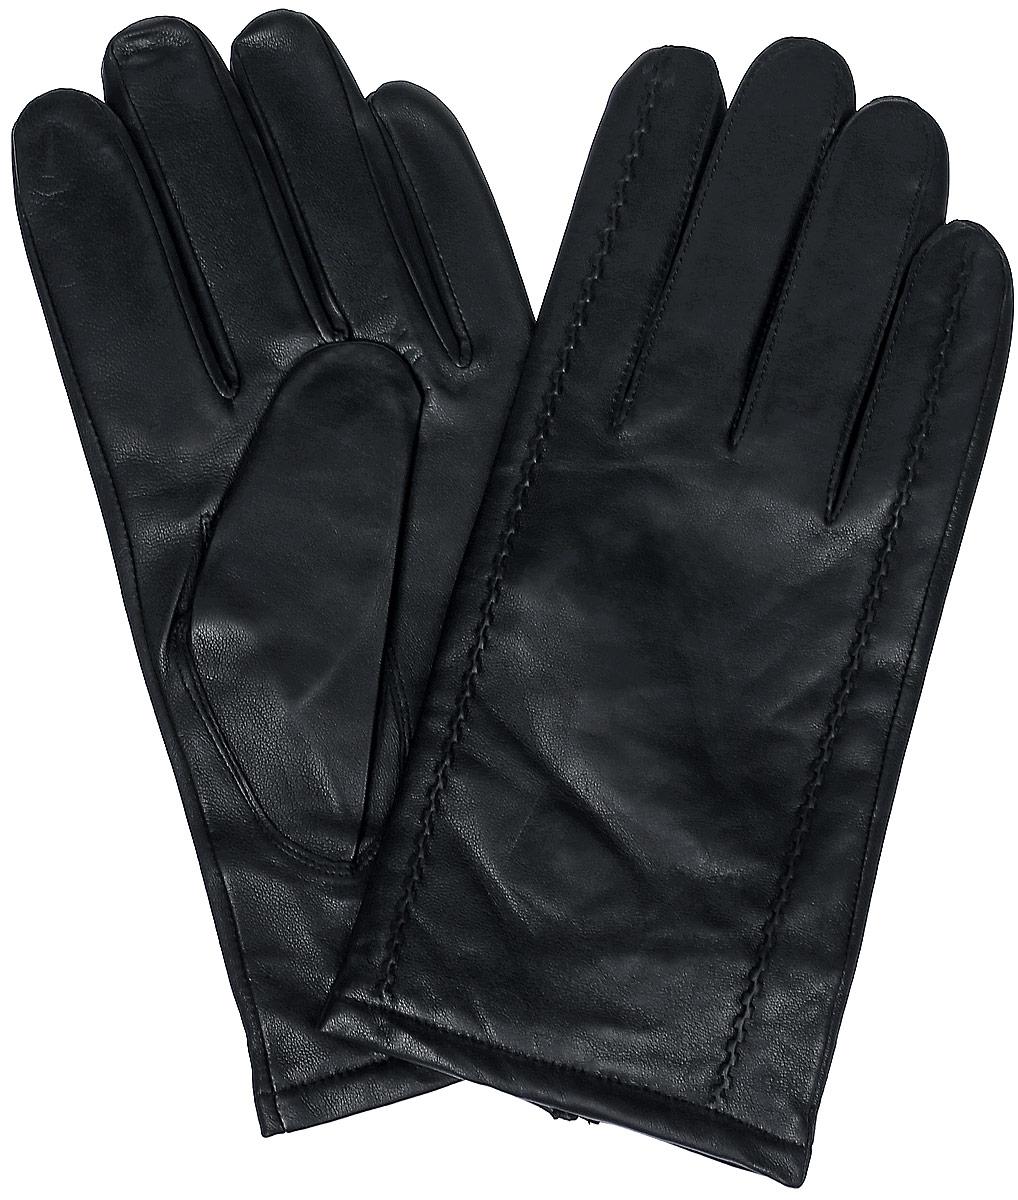 ПерчаткиLB-0628Мужские перчатки Labbra выполнены из натуральной мягкой кожи и оформлены декоративными нашивками. Внутренняя поверхность выполнена из шерсти и акрила, которые обеспечат тепло и комфорт.